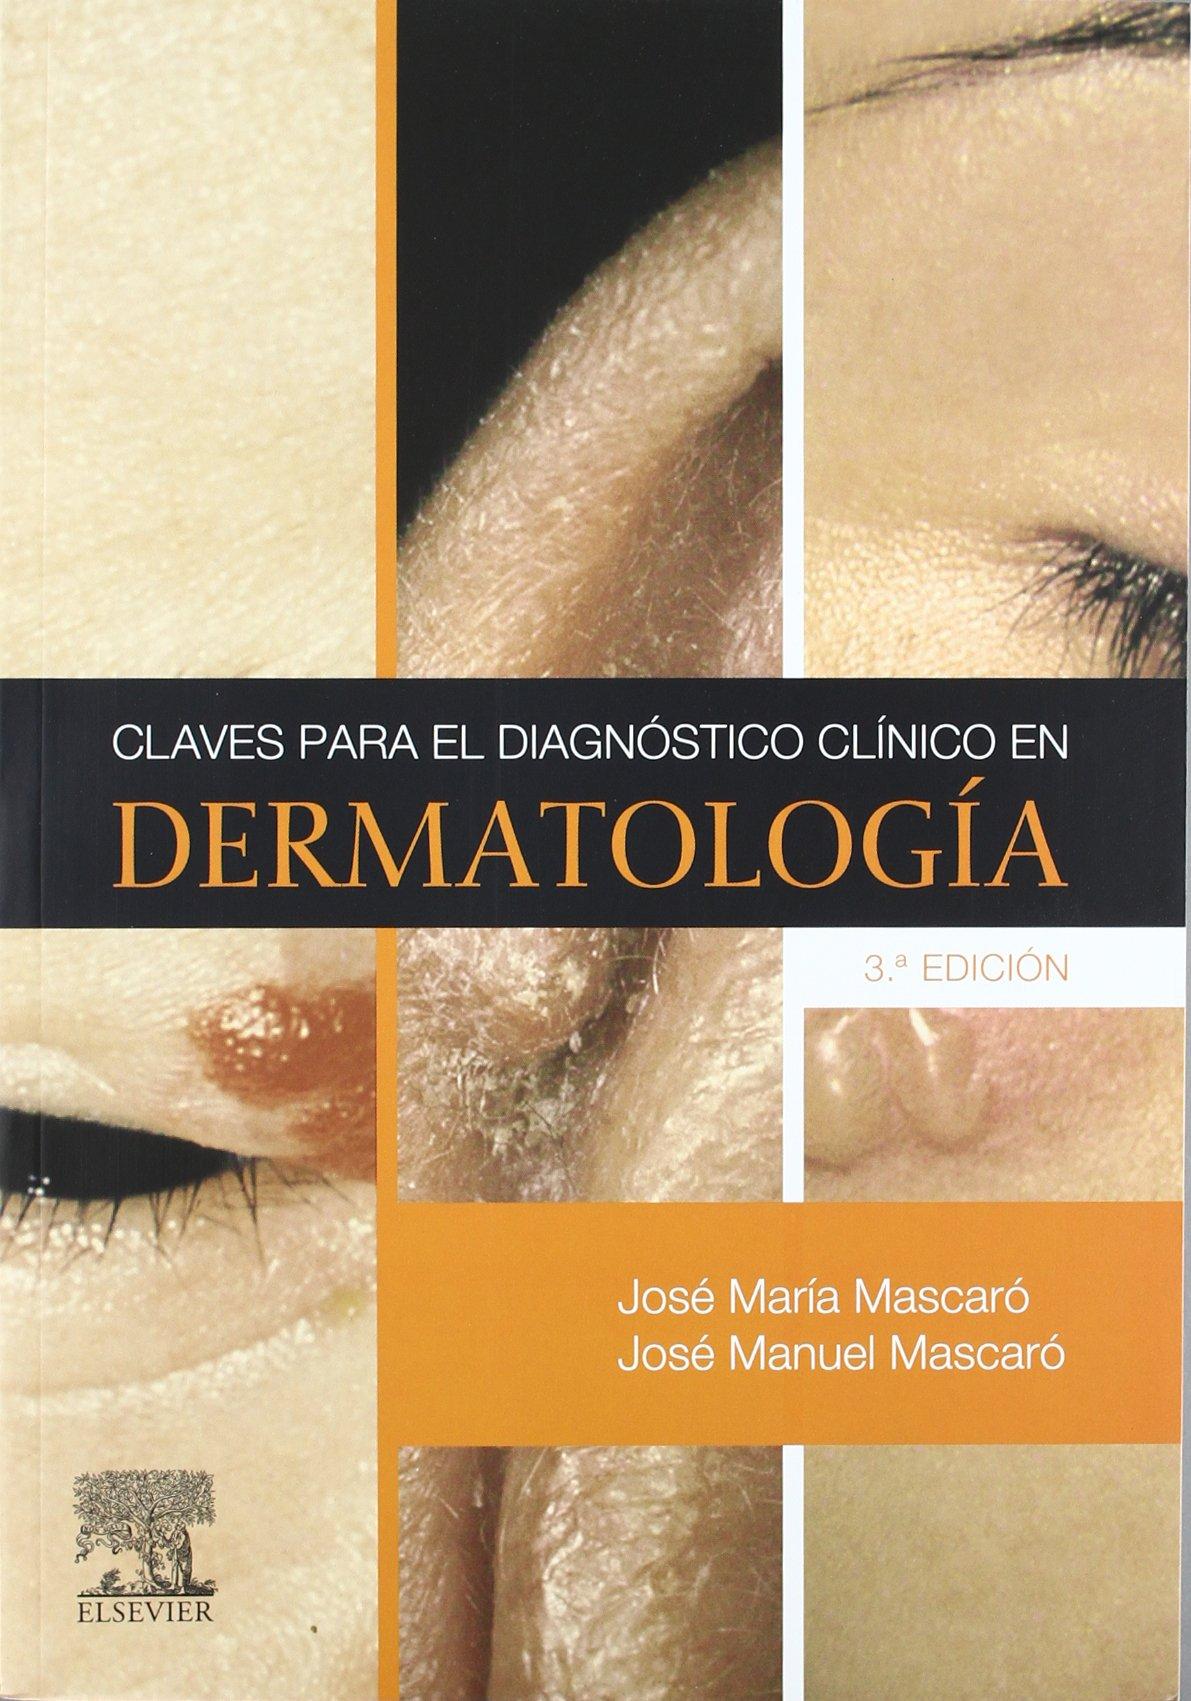 Claves para el diagnóstico clínico en dermatología pdf epub